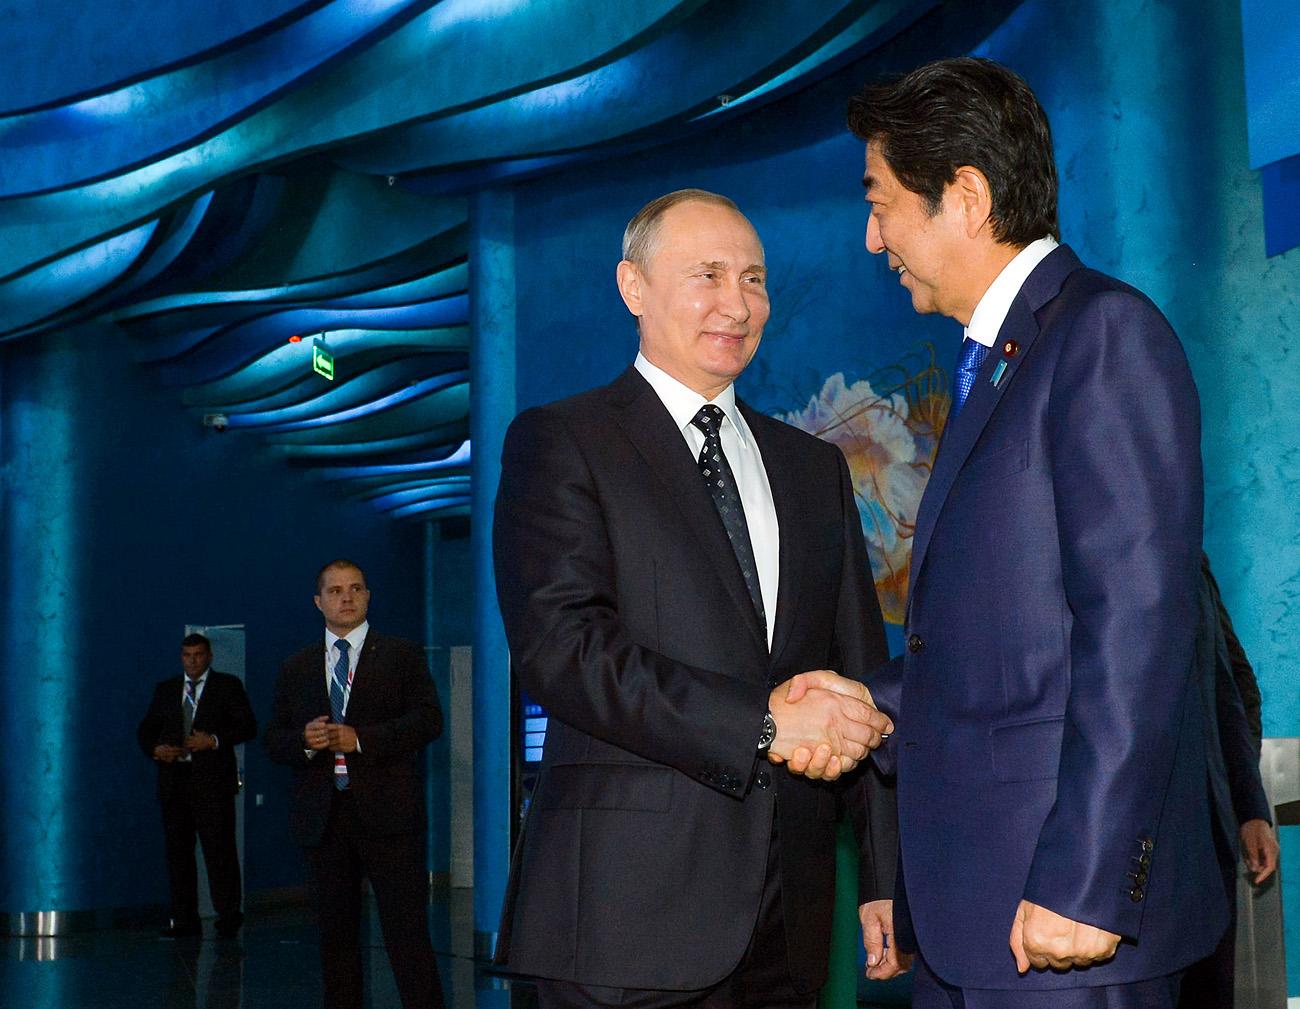 9月3日、ウラジオストク。ロシアのプーチン大統領と日本の安倍首相が、東方経済フォーラムが開催されたルースキー島にある沿海地方水族館を訪問した。=